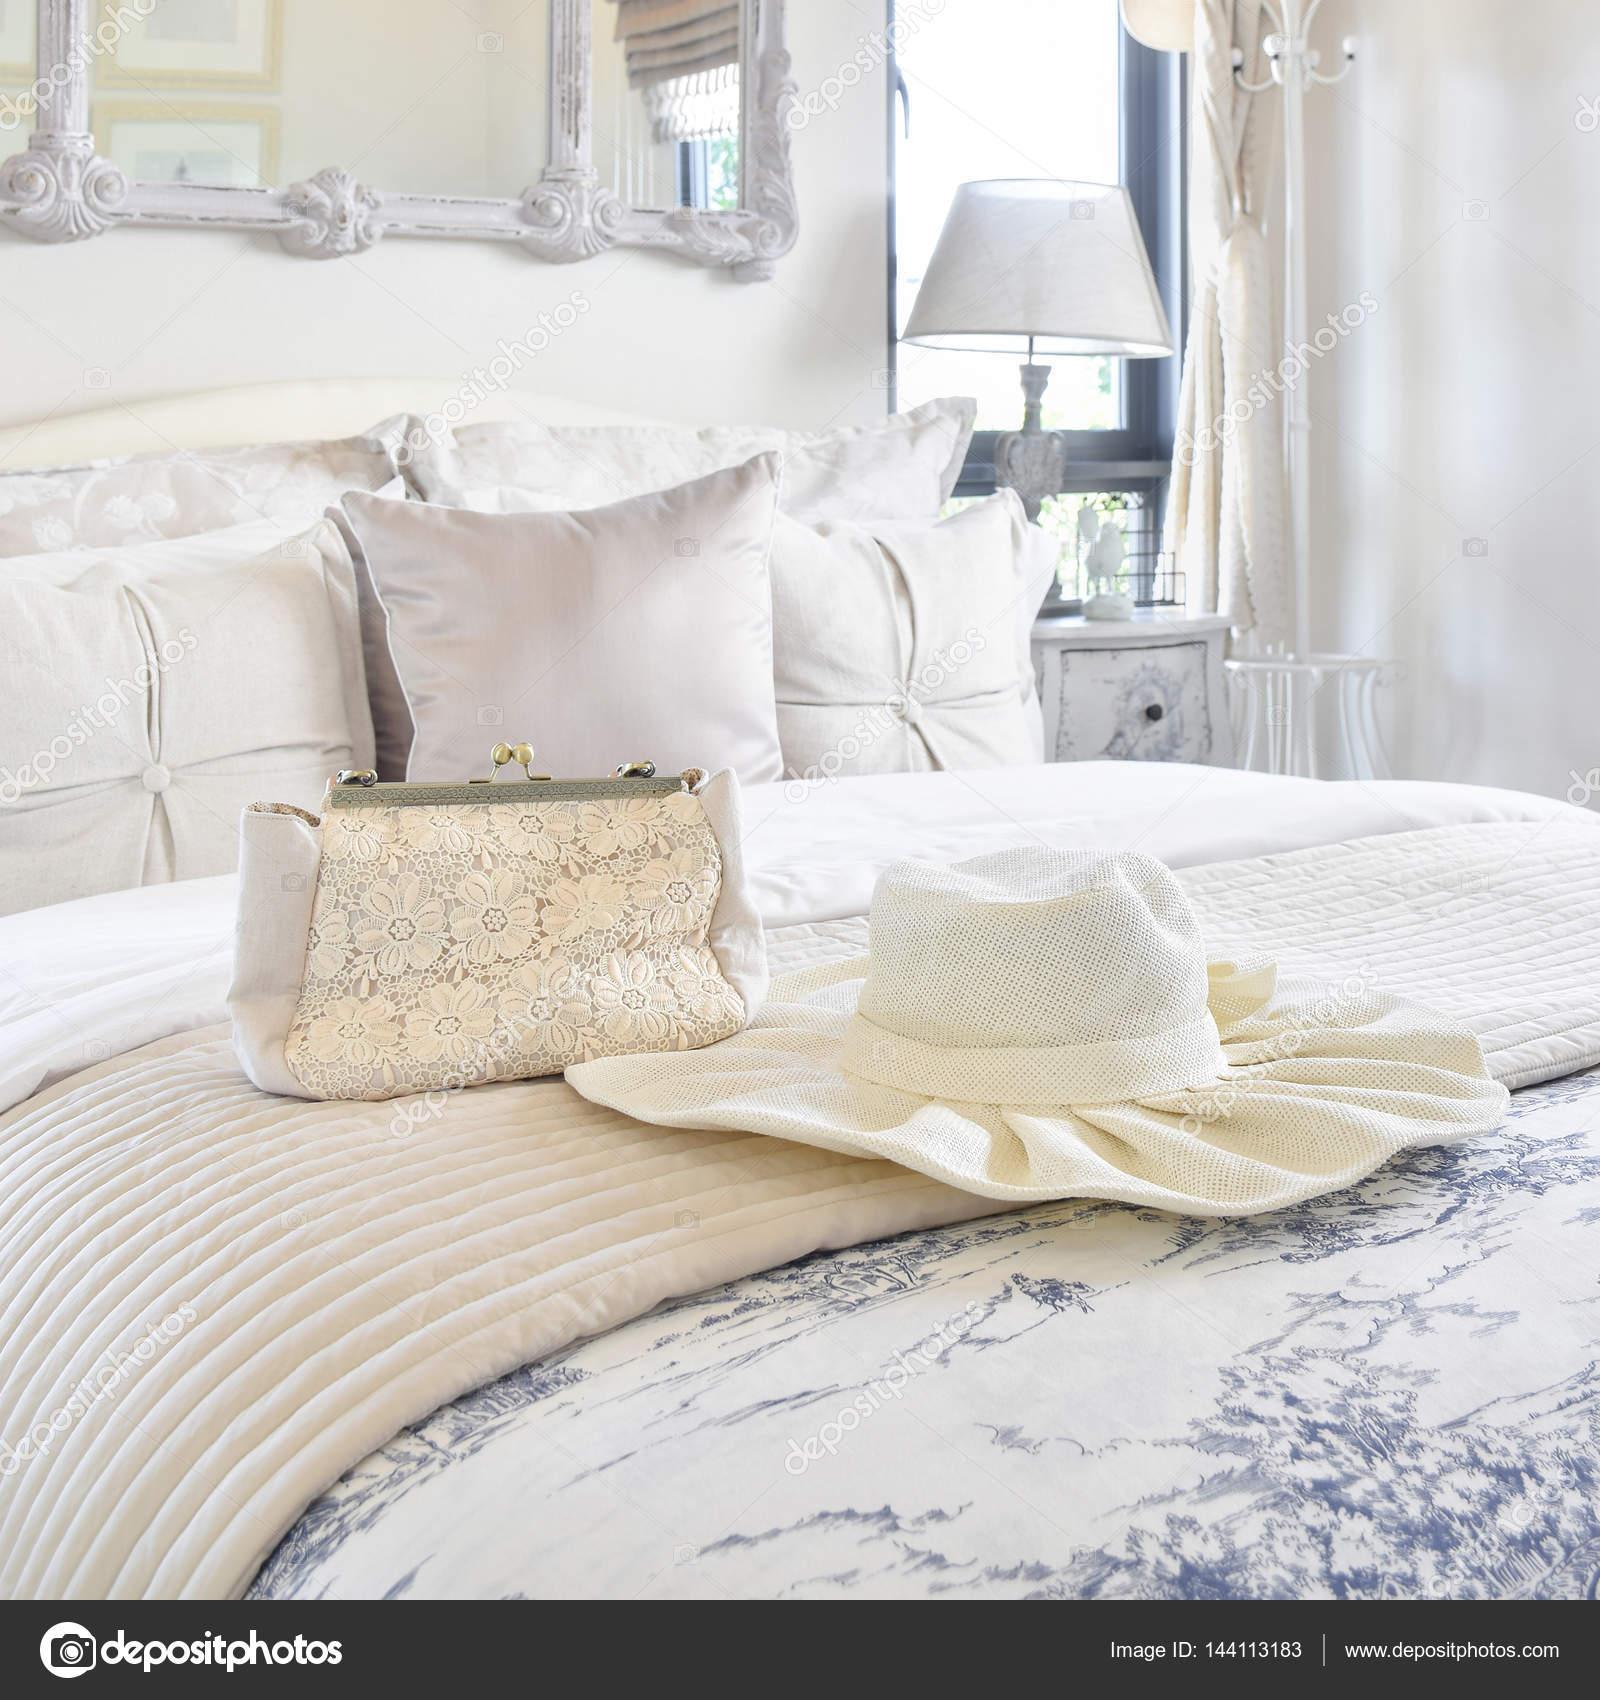 Dekoratives Set Mit Vintage Tasche, Hut, Bücher über Bett Im Luxus  Schlafzimmer Innenraum U2014 Foto Von WorldWide_Stock